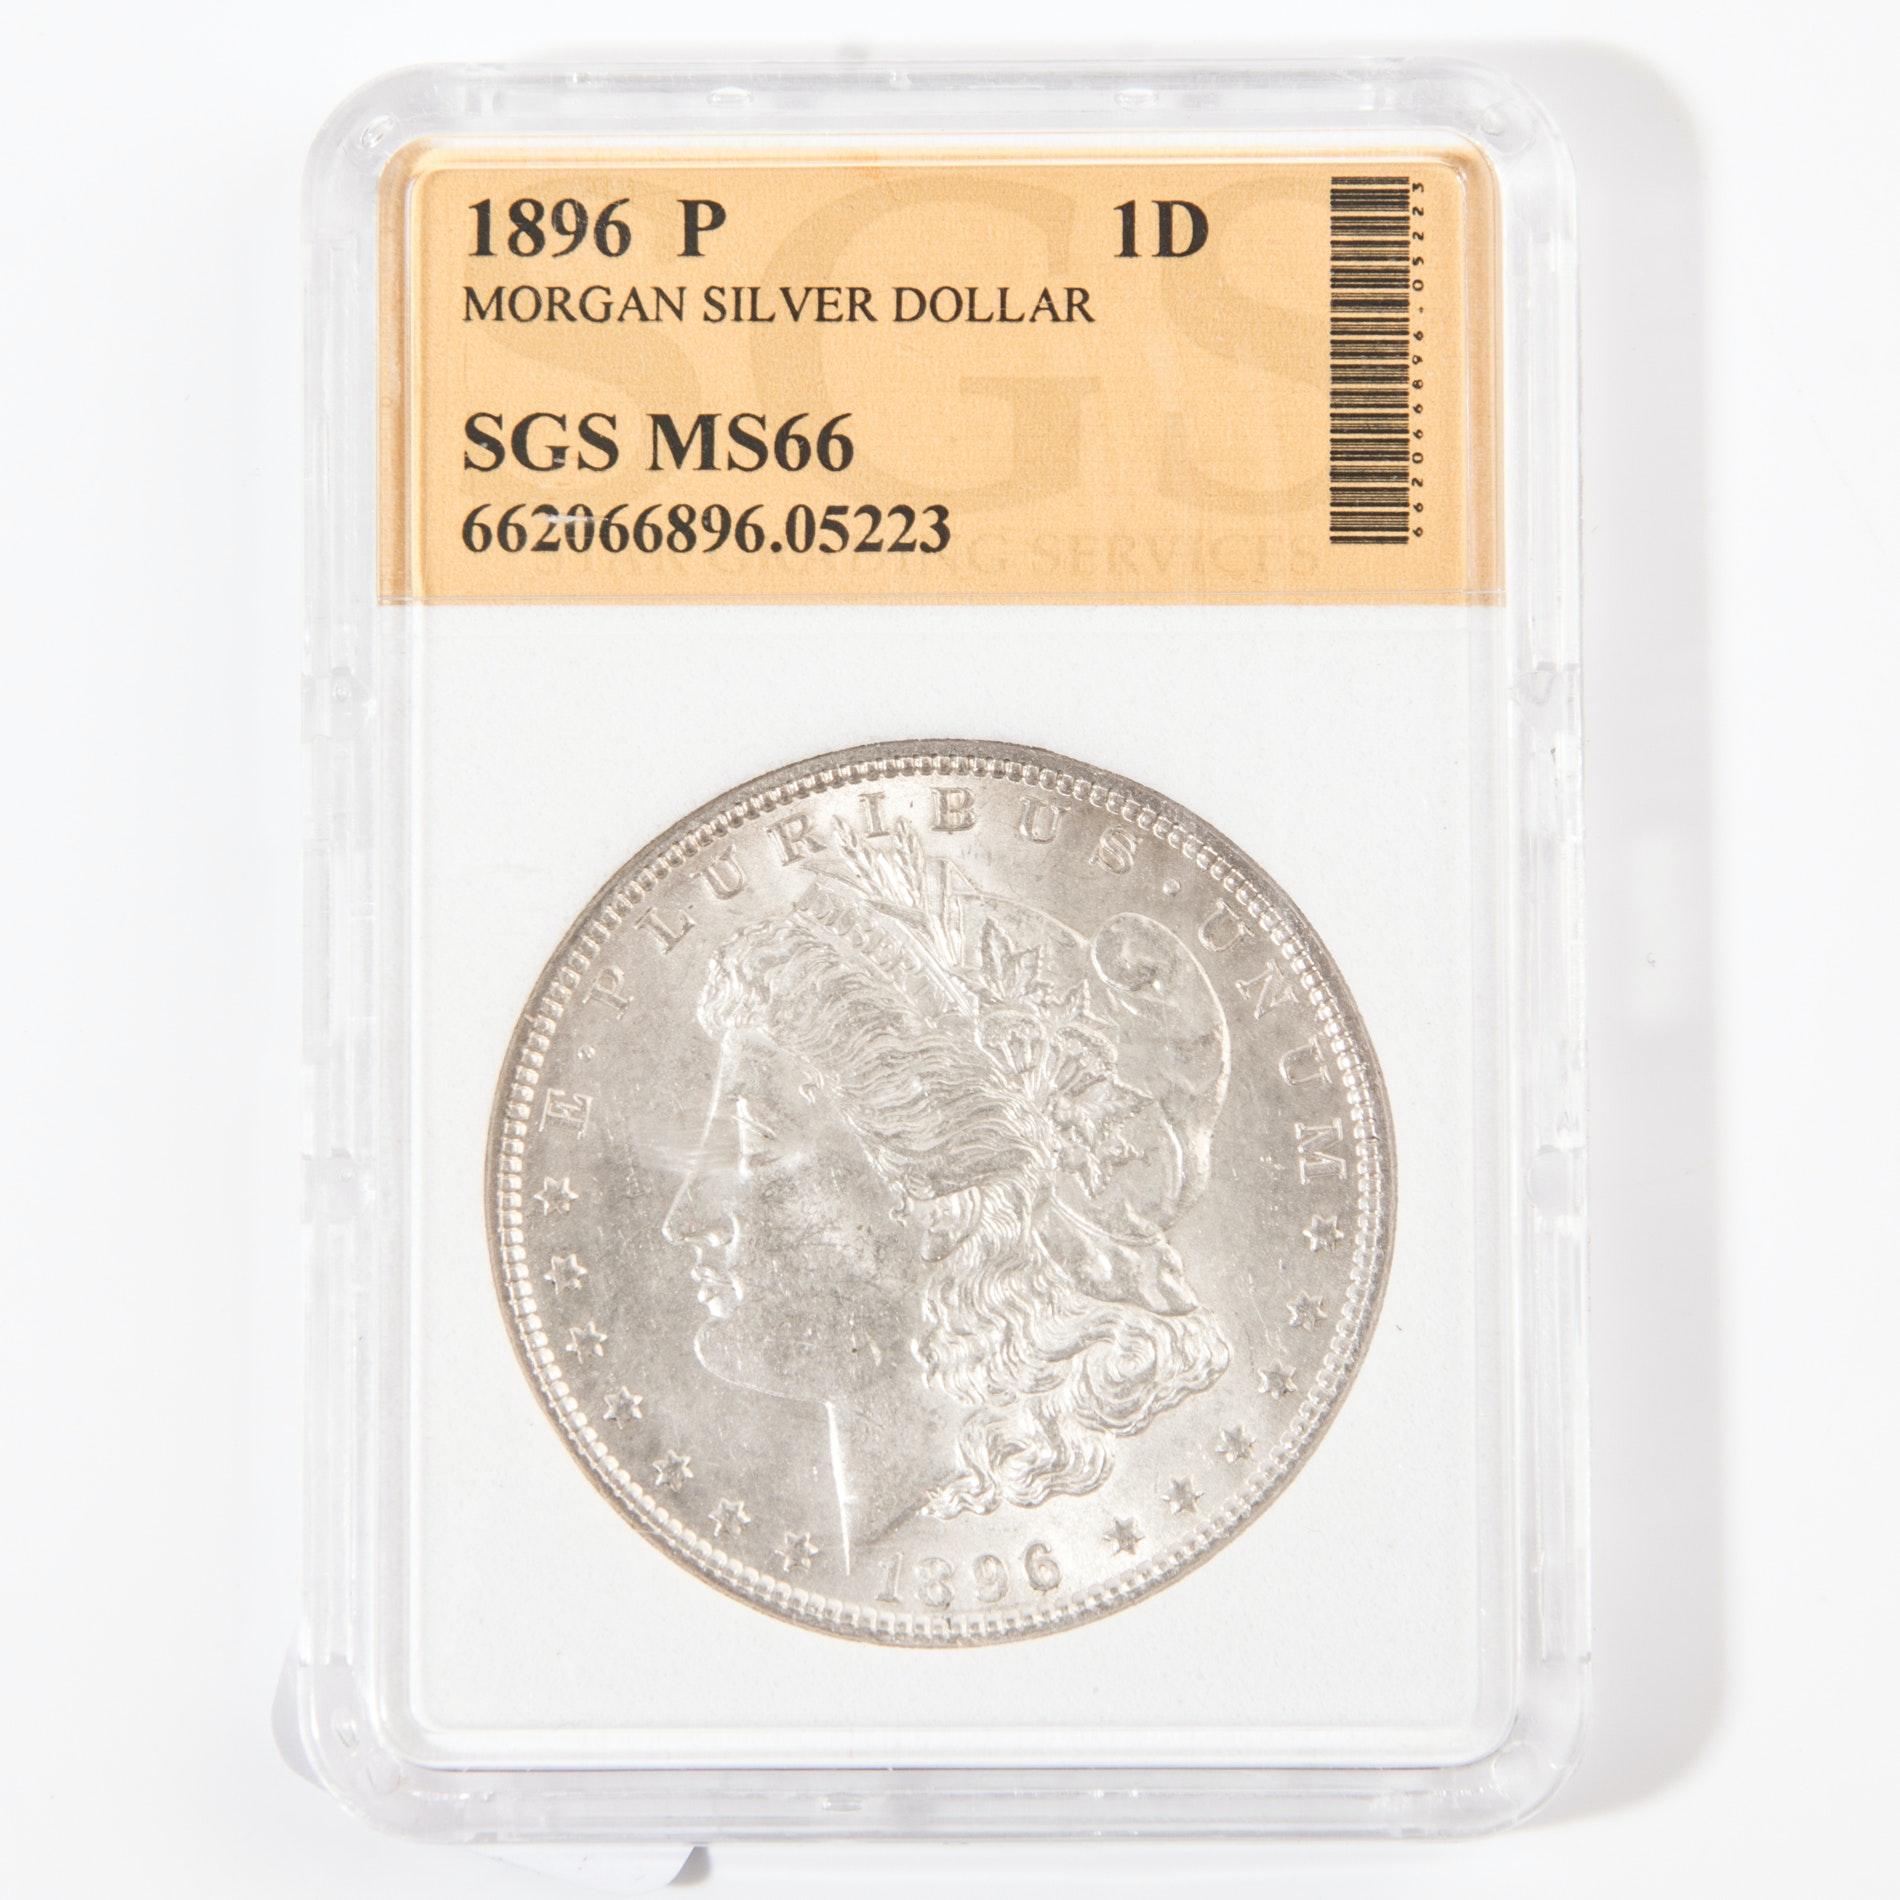 1896 Morgan Silver Dollar Graded MS66 by SGS